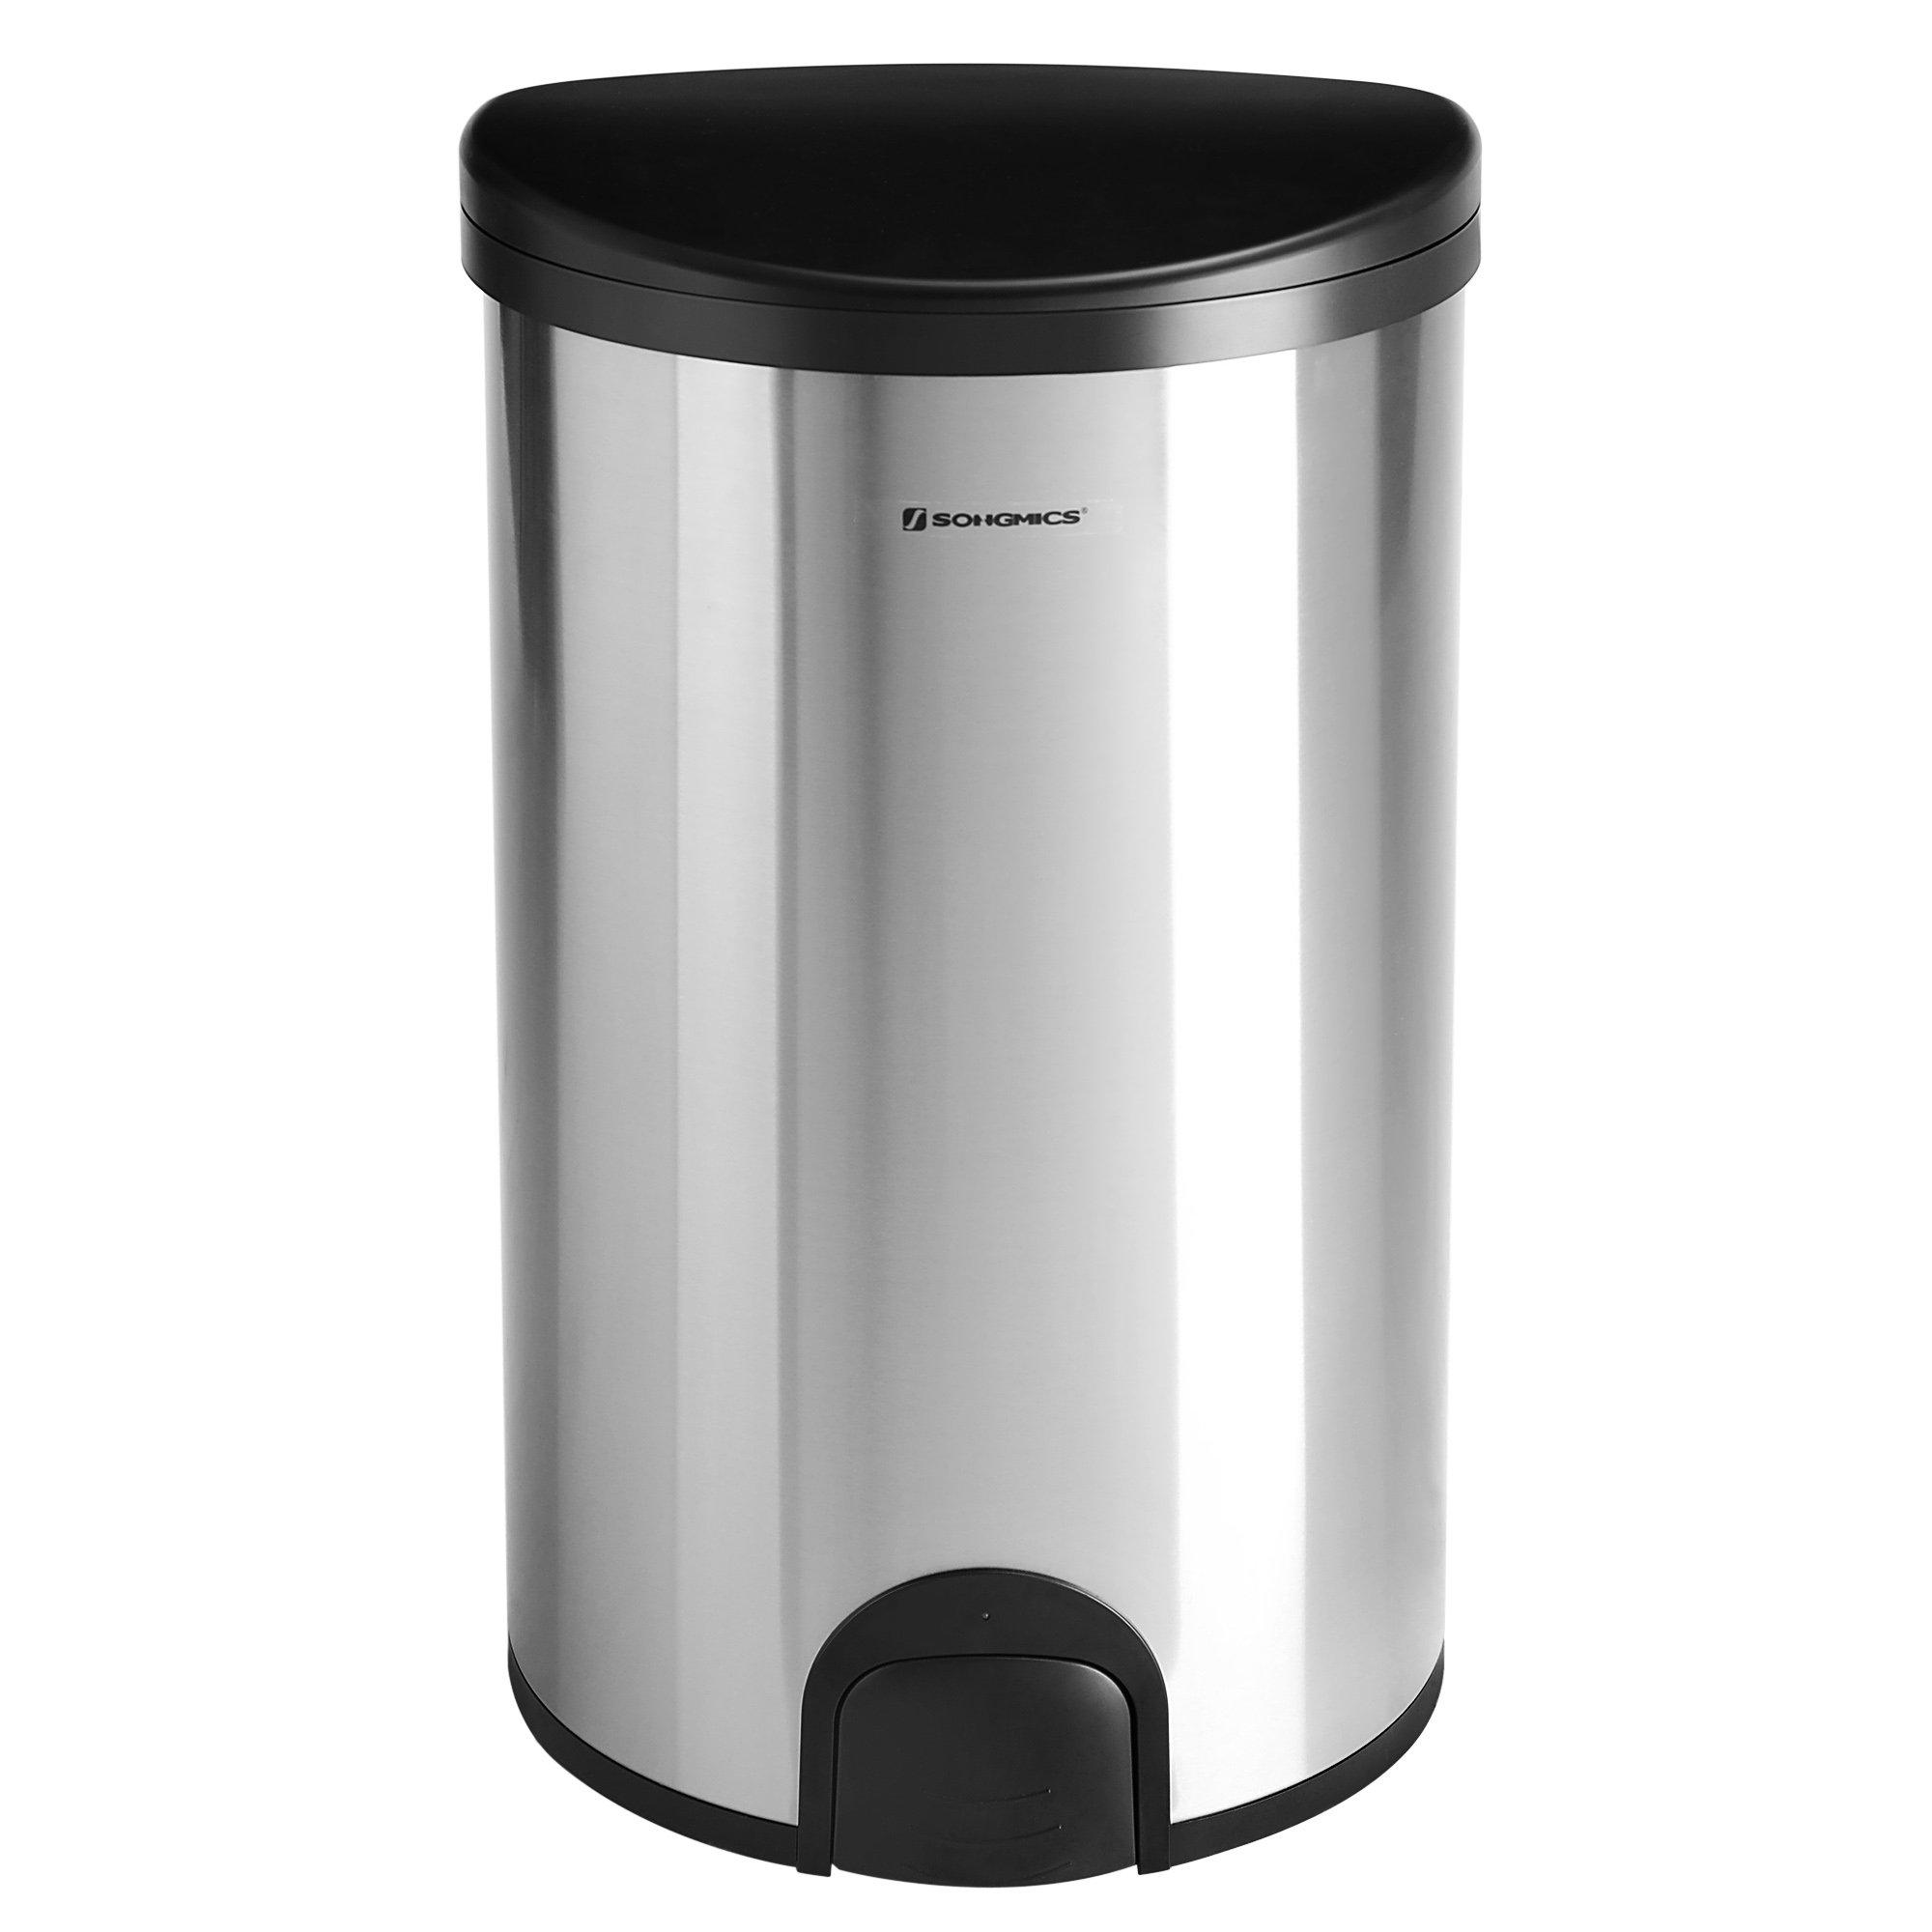 top poubelles de recyclage domicile selon les notes. Black Bedroom Furniture Sets. Home Design Ideas